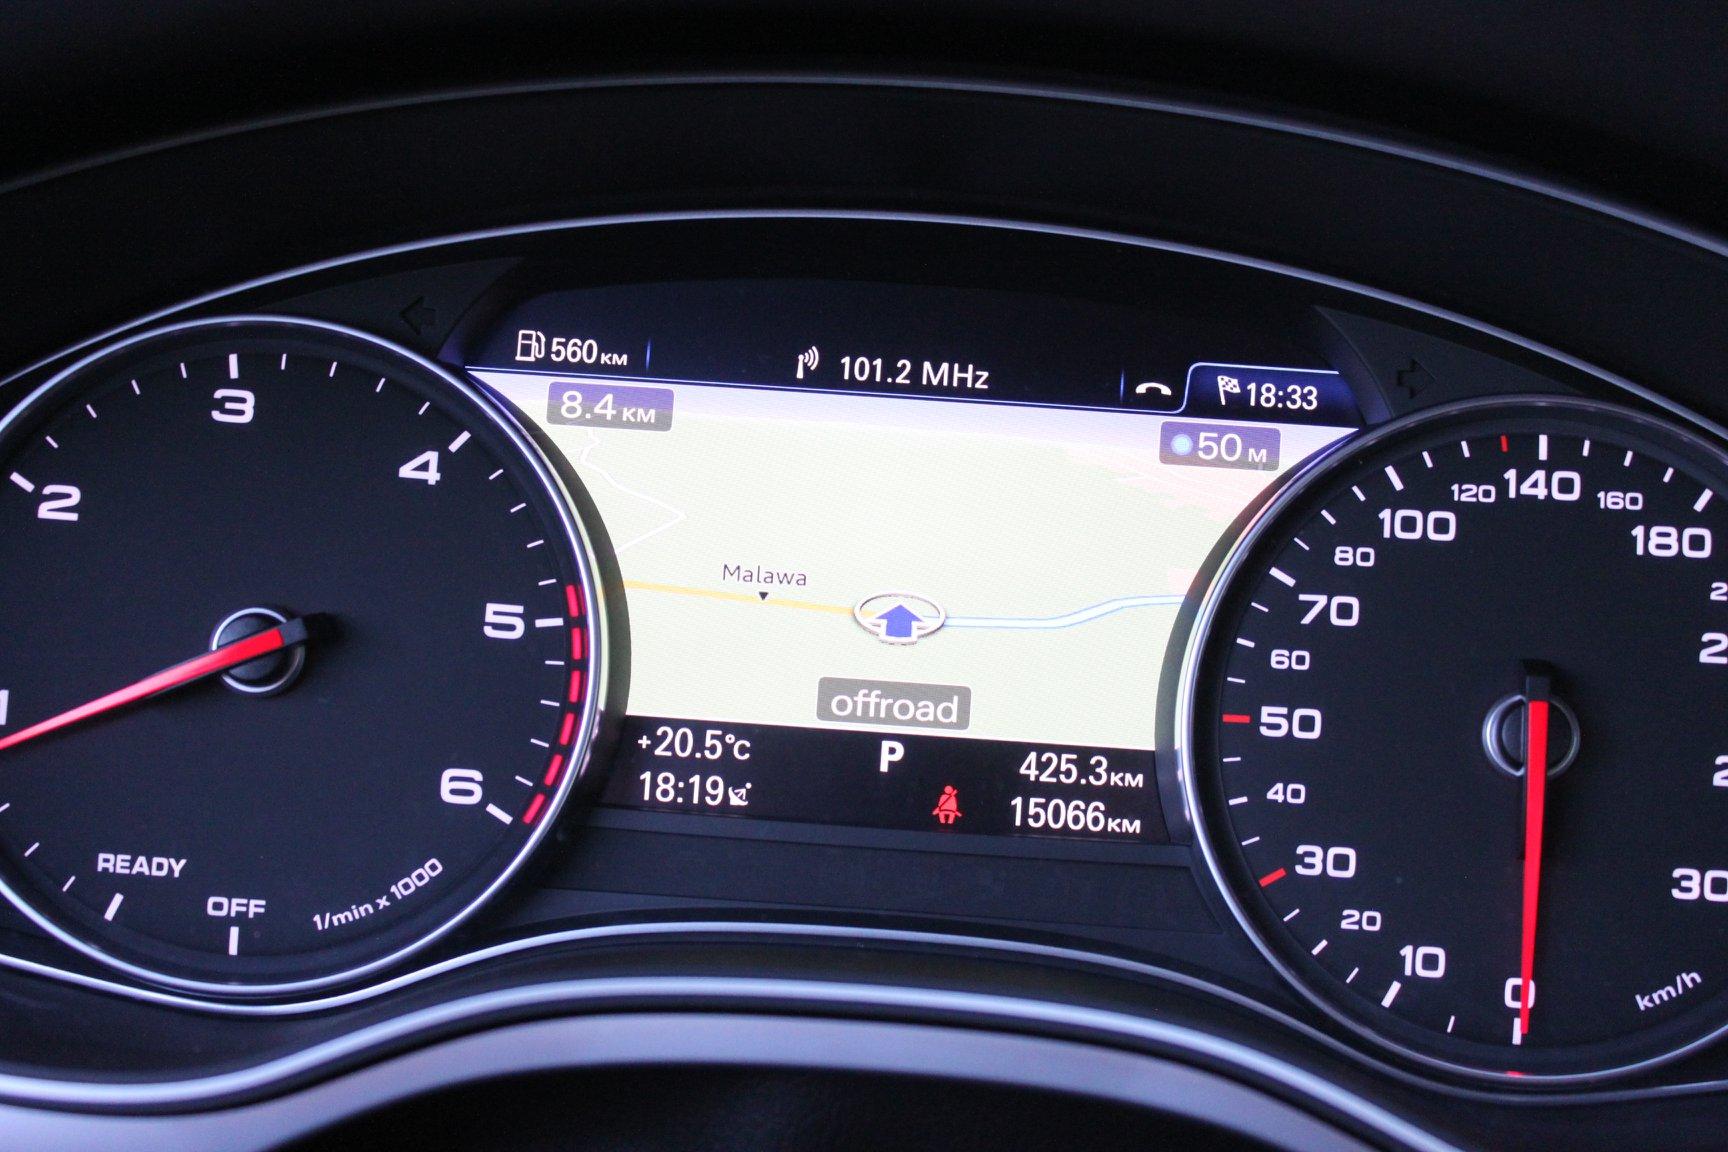 AUDI A6 C7 LIFT 2017 2.0 TDI QUATTRO